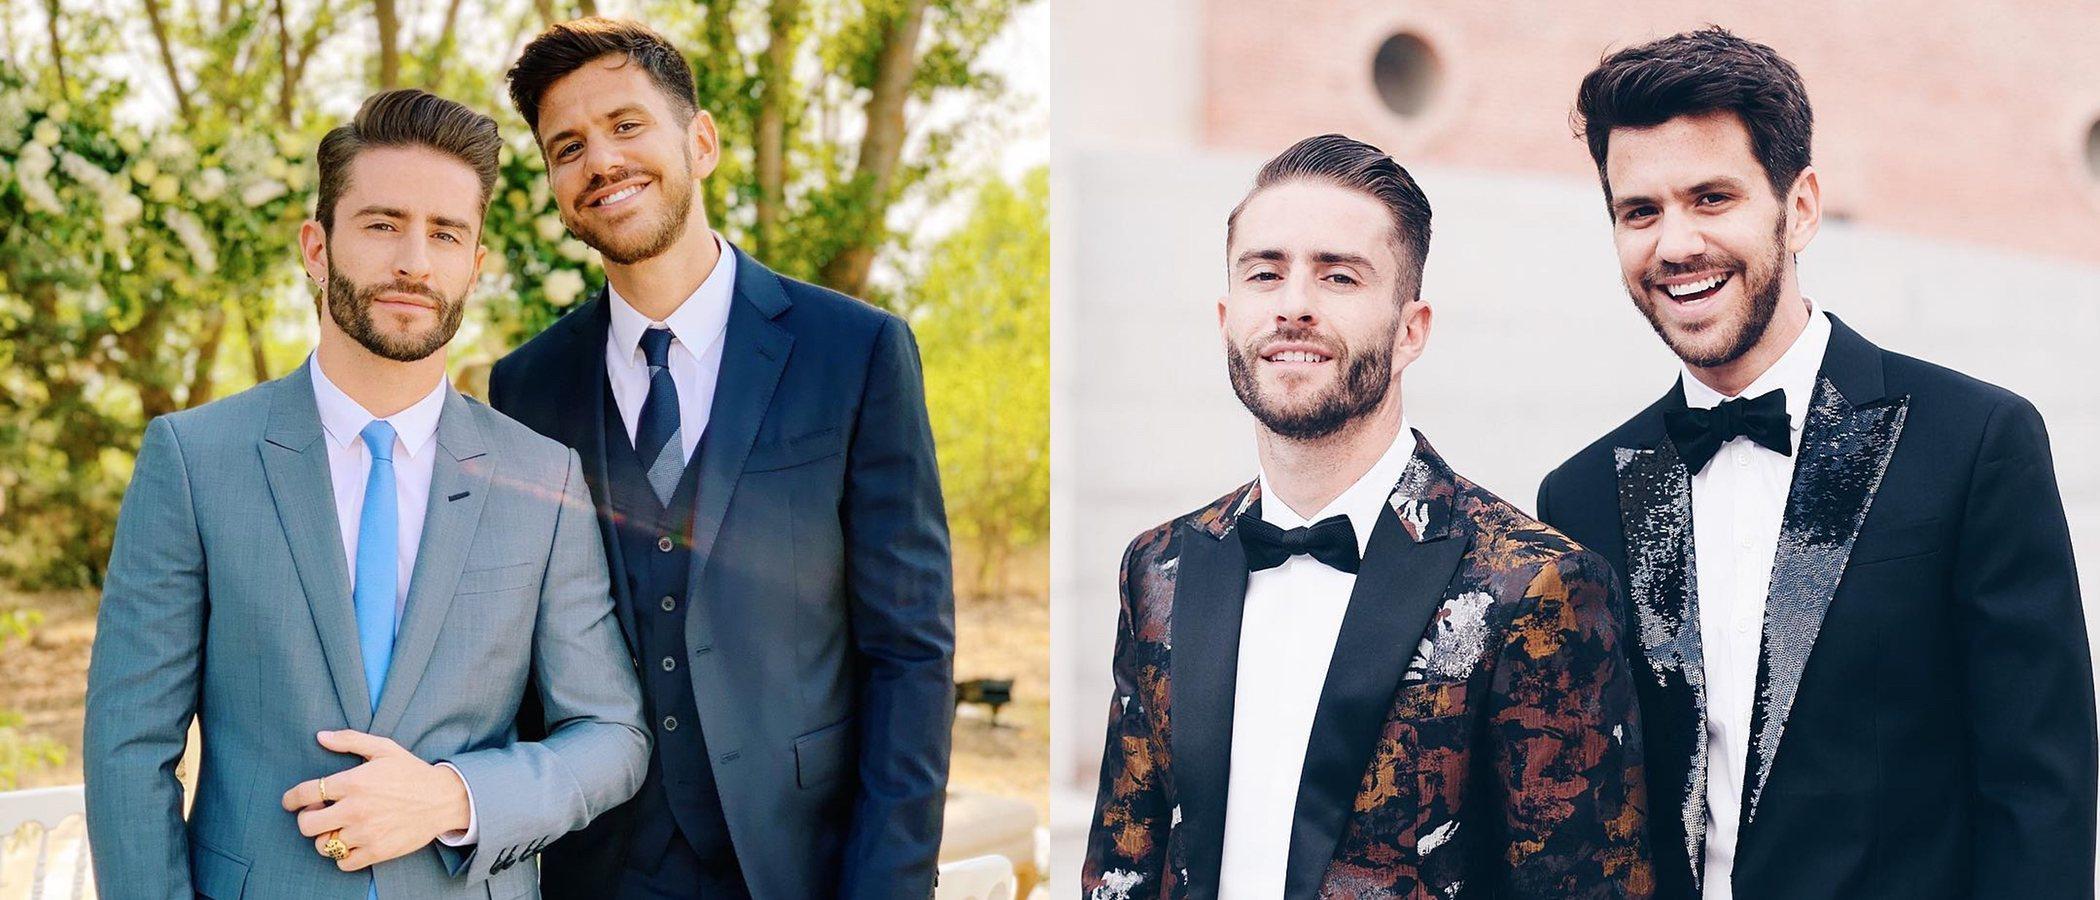 Dress code black-tie o semiformal: la eterna elegancia del esmoquin